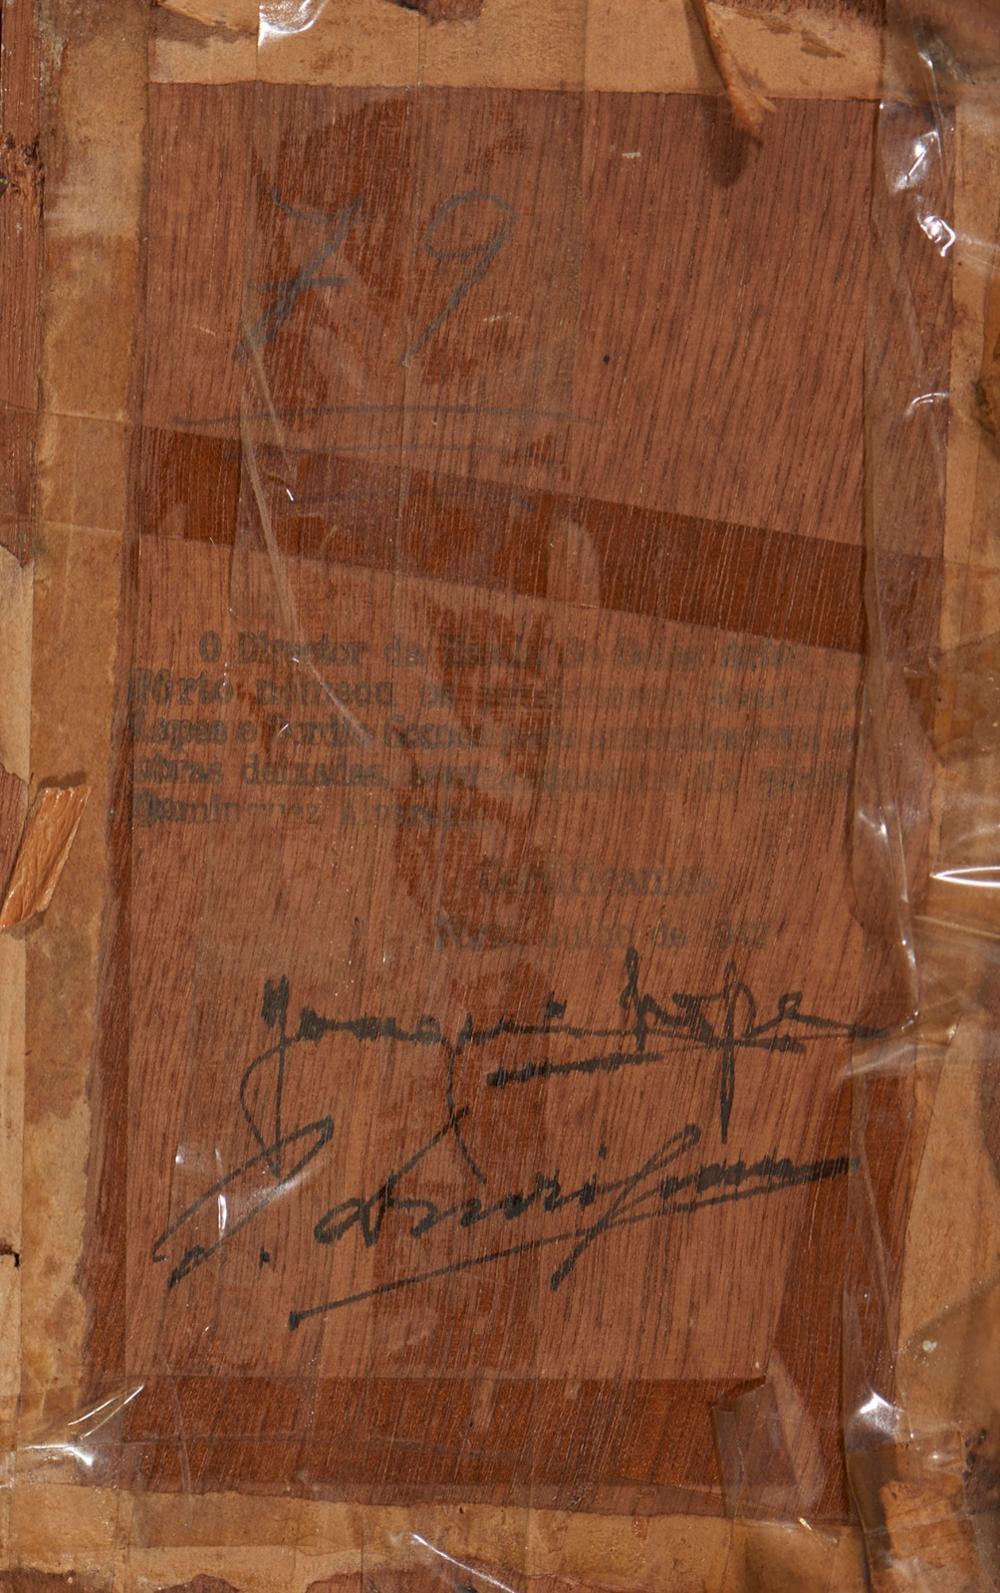 ALVAREZ, José, Óleo sobre madeira, 11,7 x 18,5 cm.